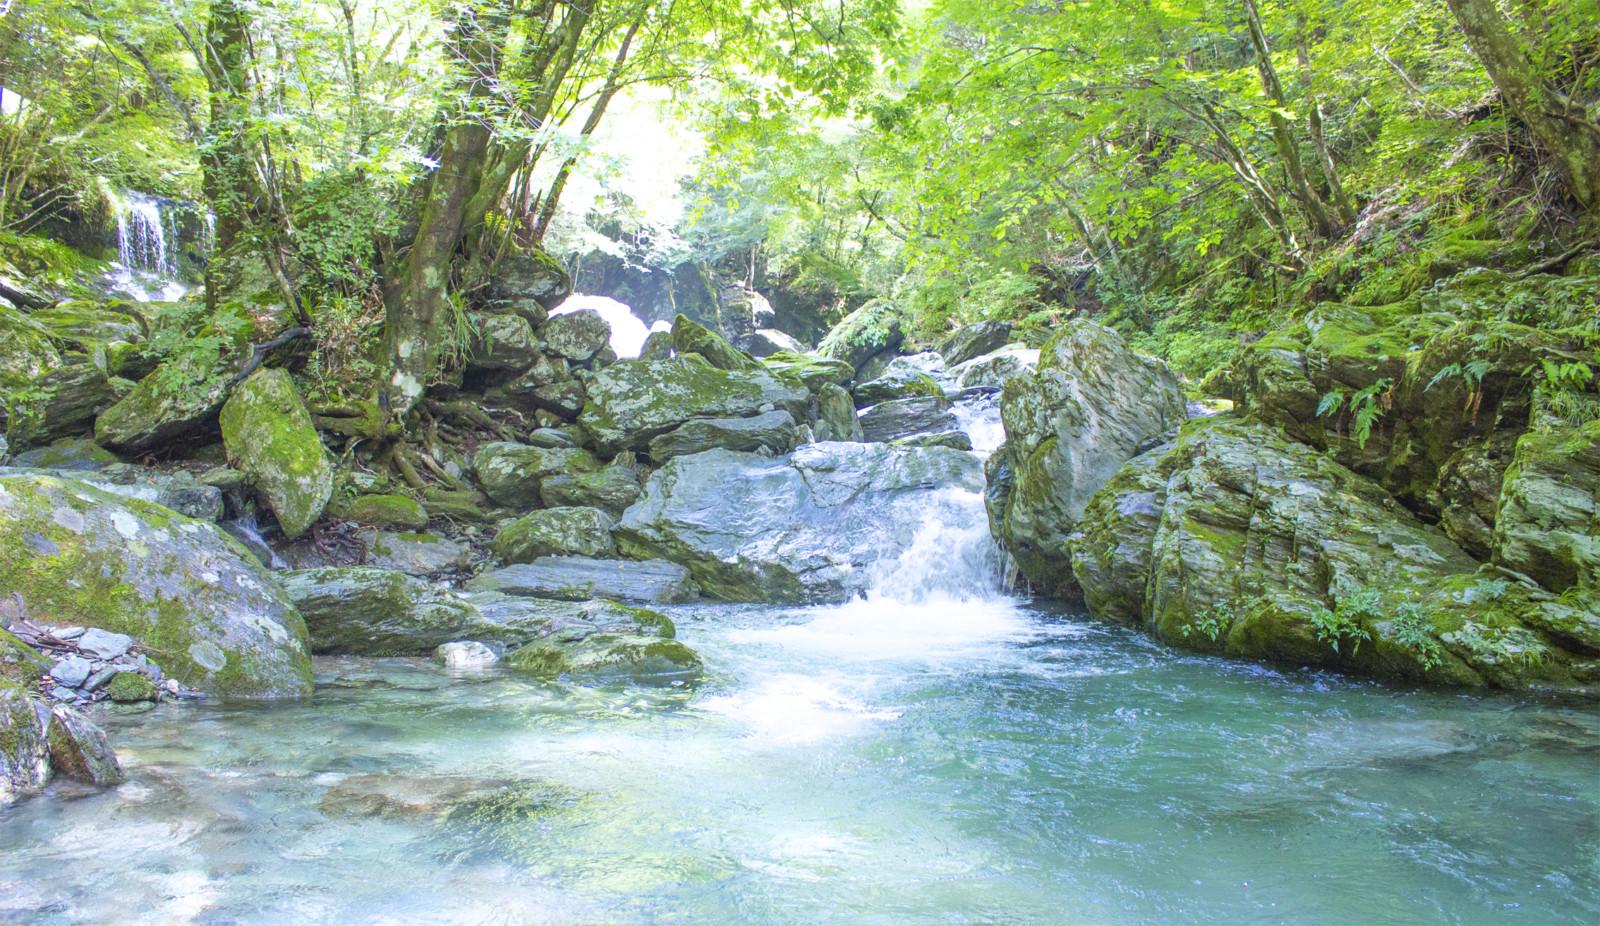 岩を登って小川をわたって!手つかずの自然を大冒険! 大川村で沢歩き